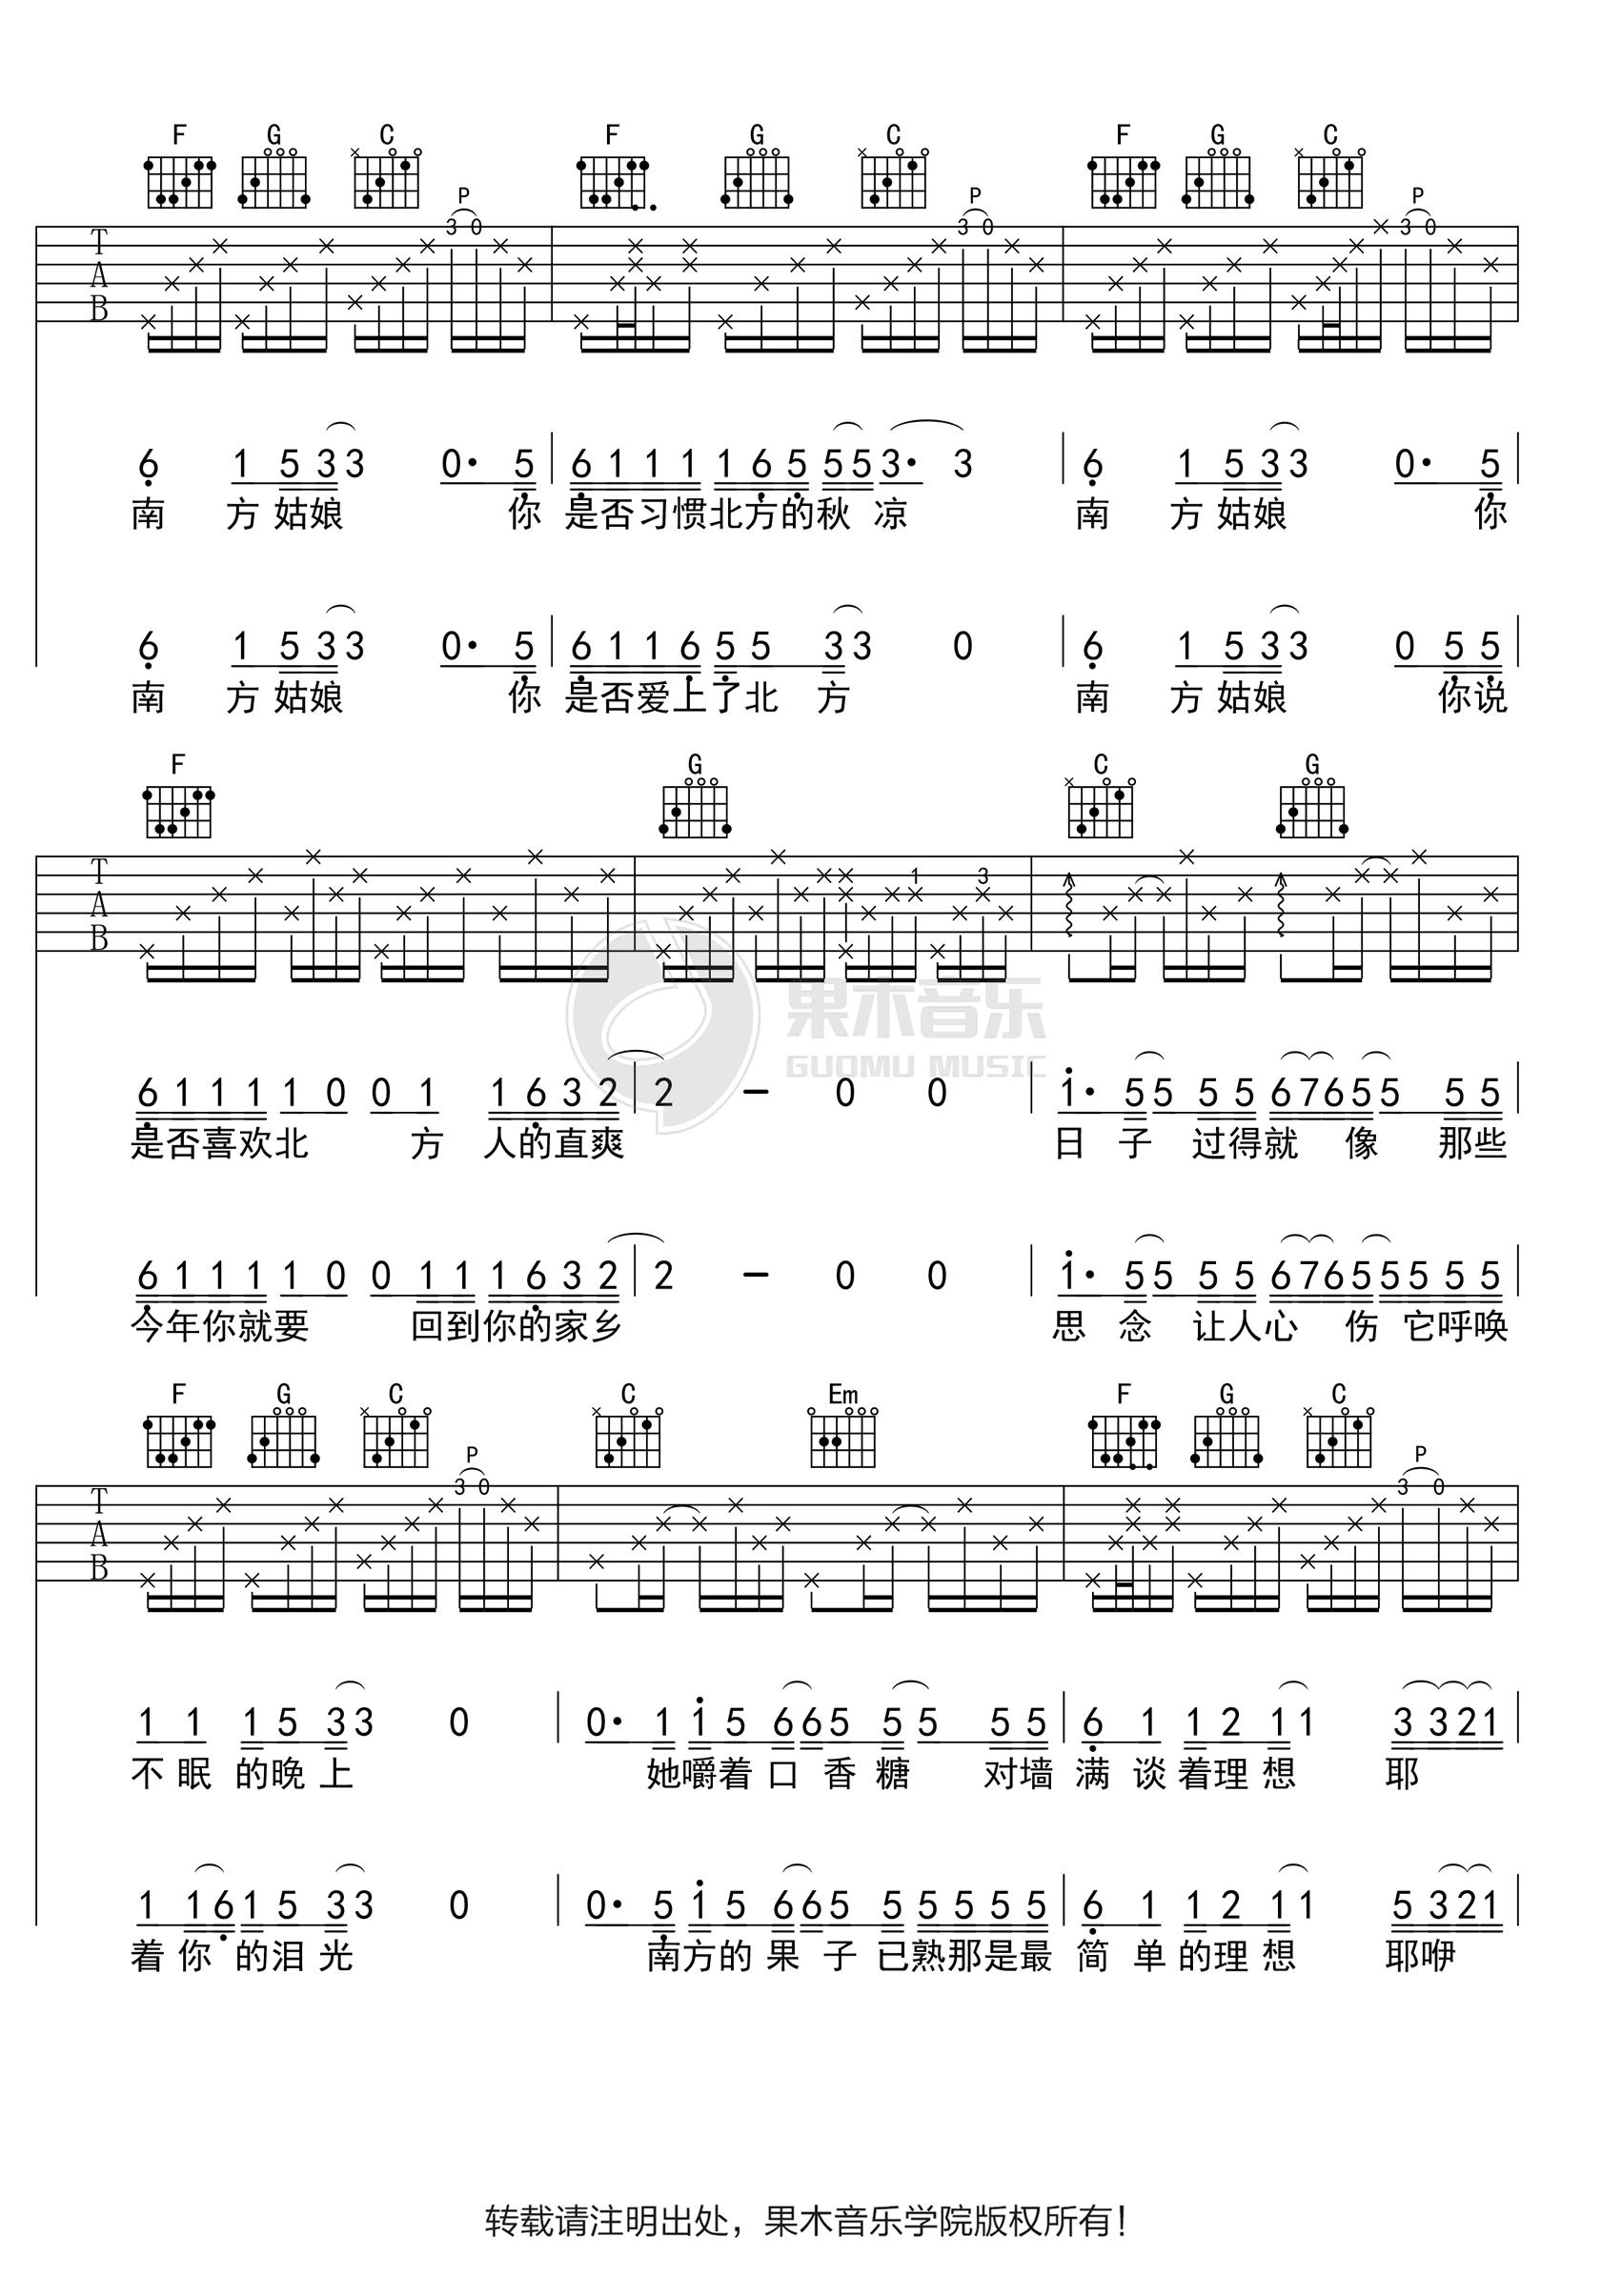 南方姑娘吉他谱_赵雷-3